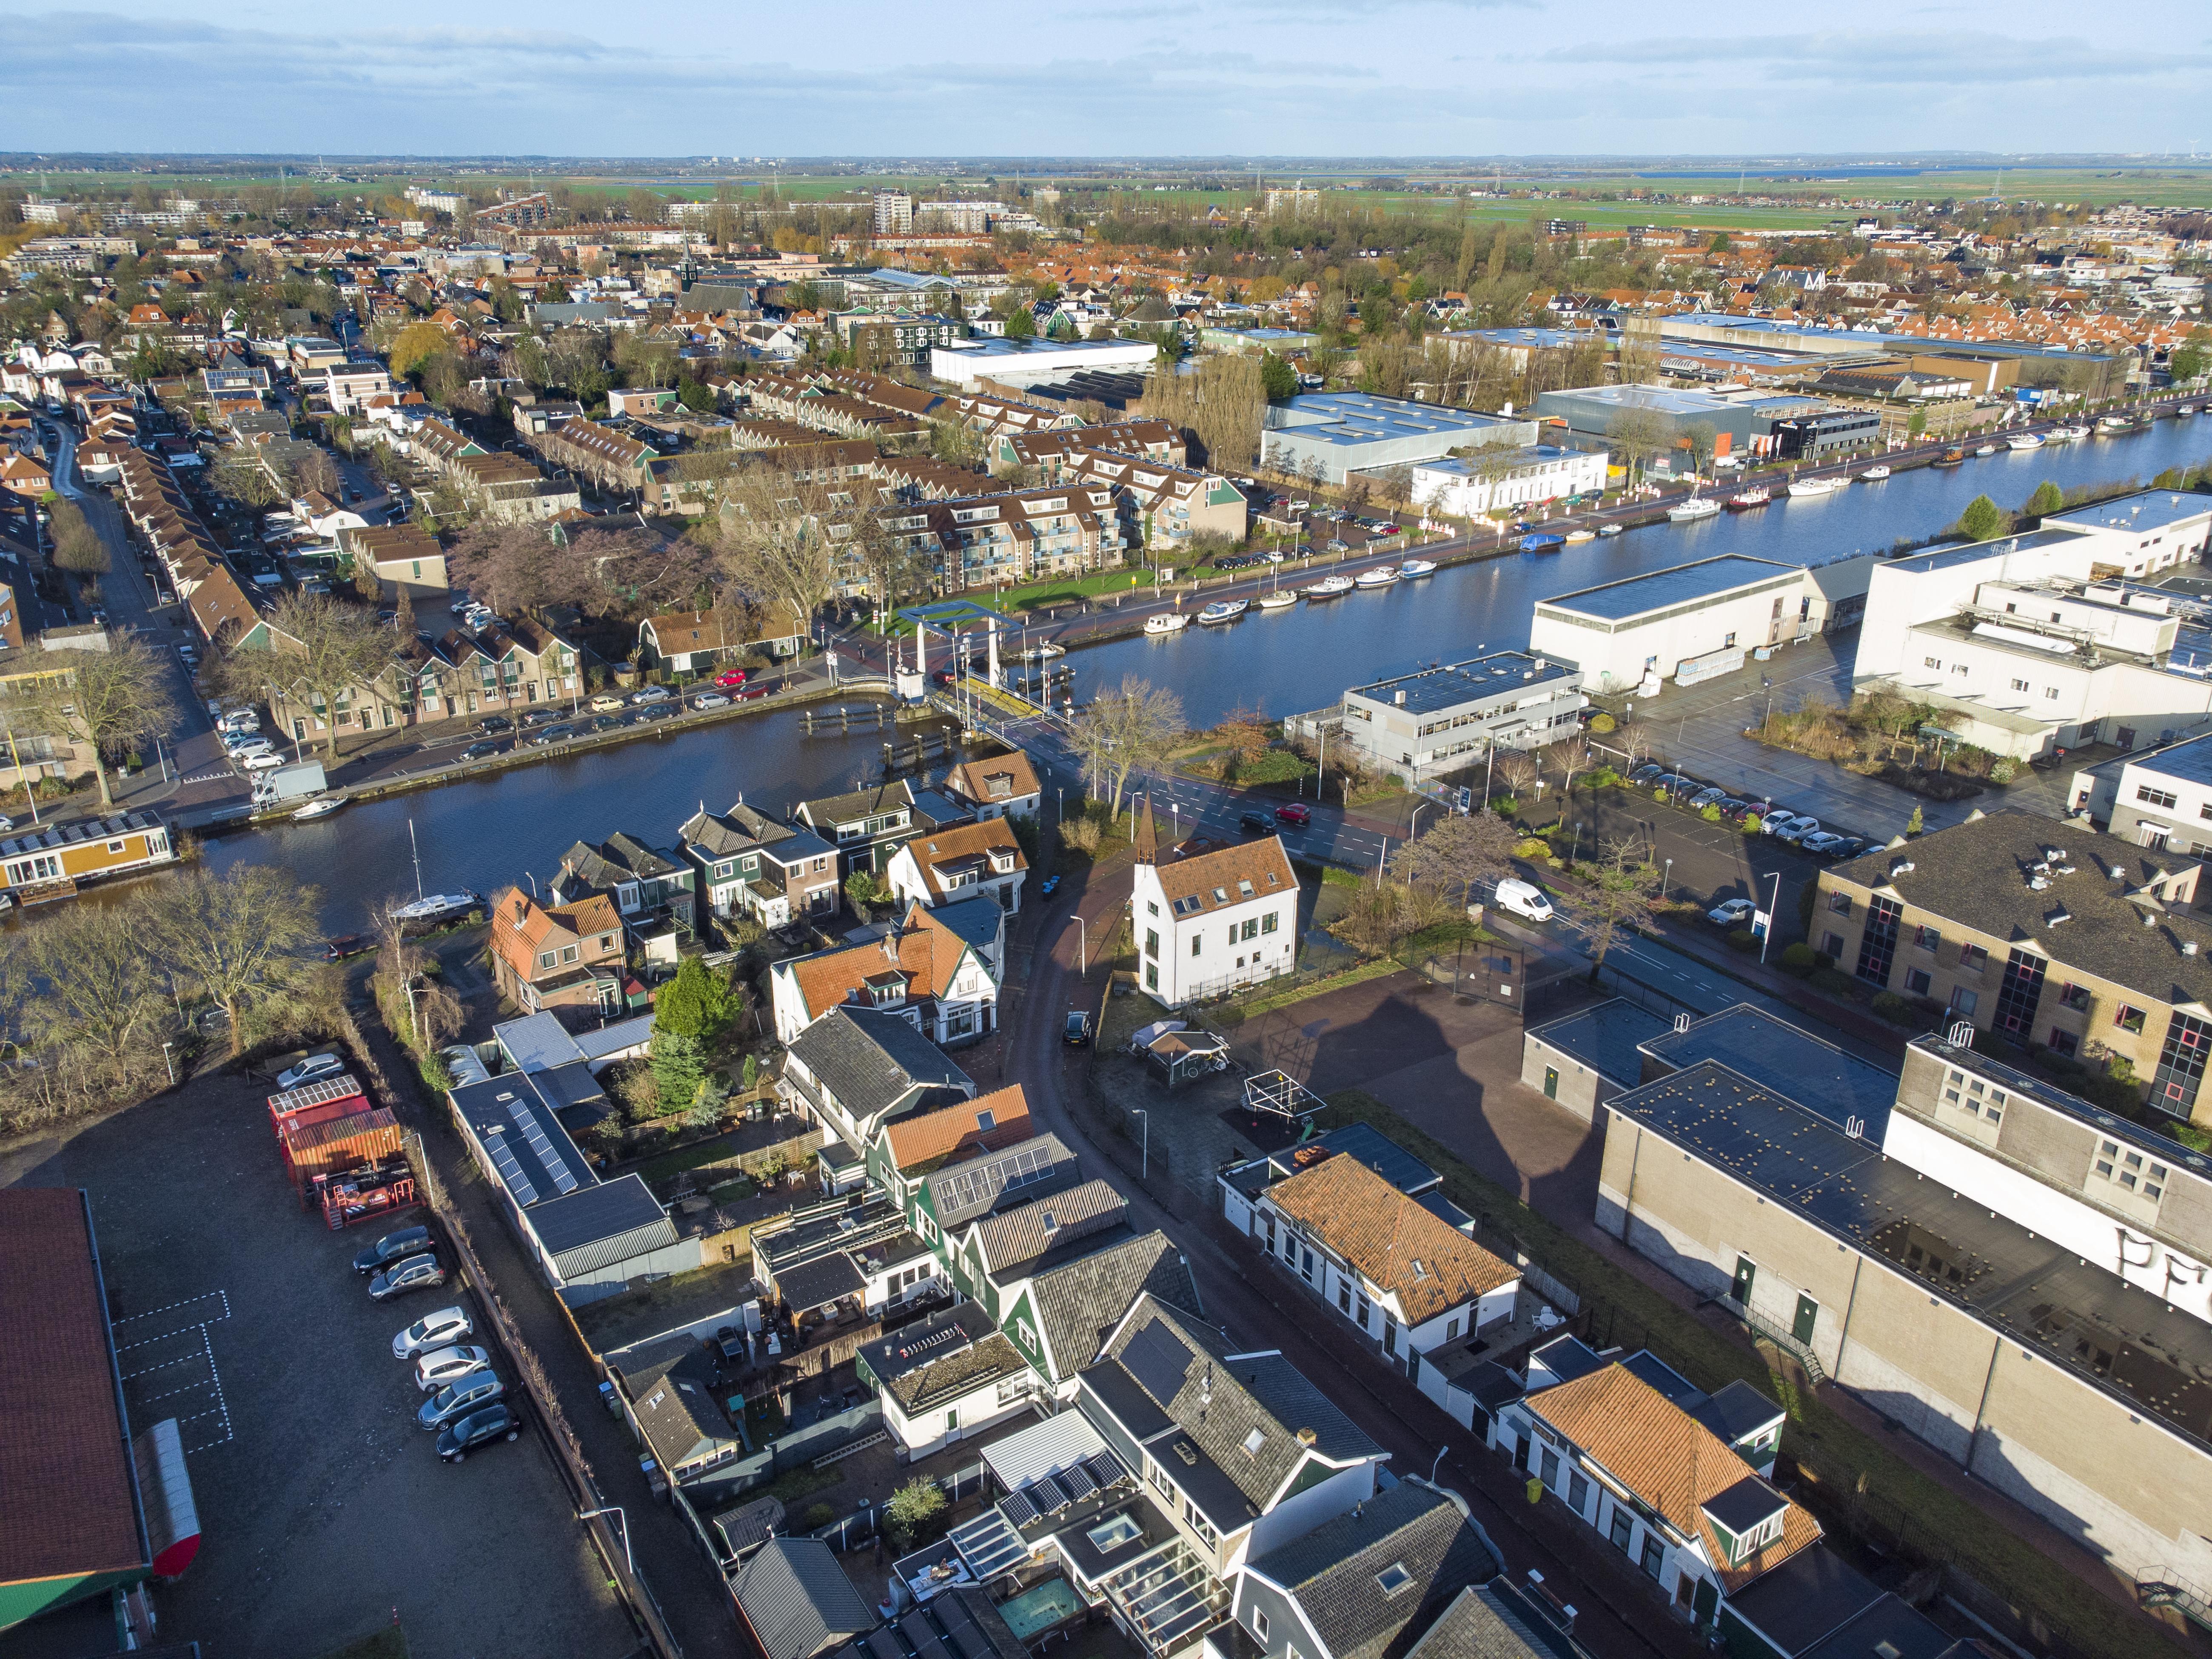 Vaartbrug was vroeger een tolbrug, nu een flessenhals voor verkeer op doorgaande weg tussen Krommenie en Wormerveer [luchtfoto]